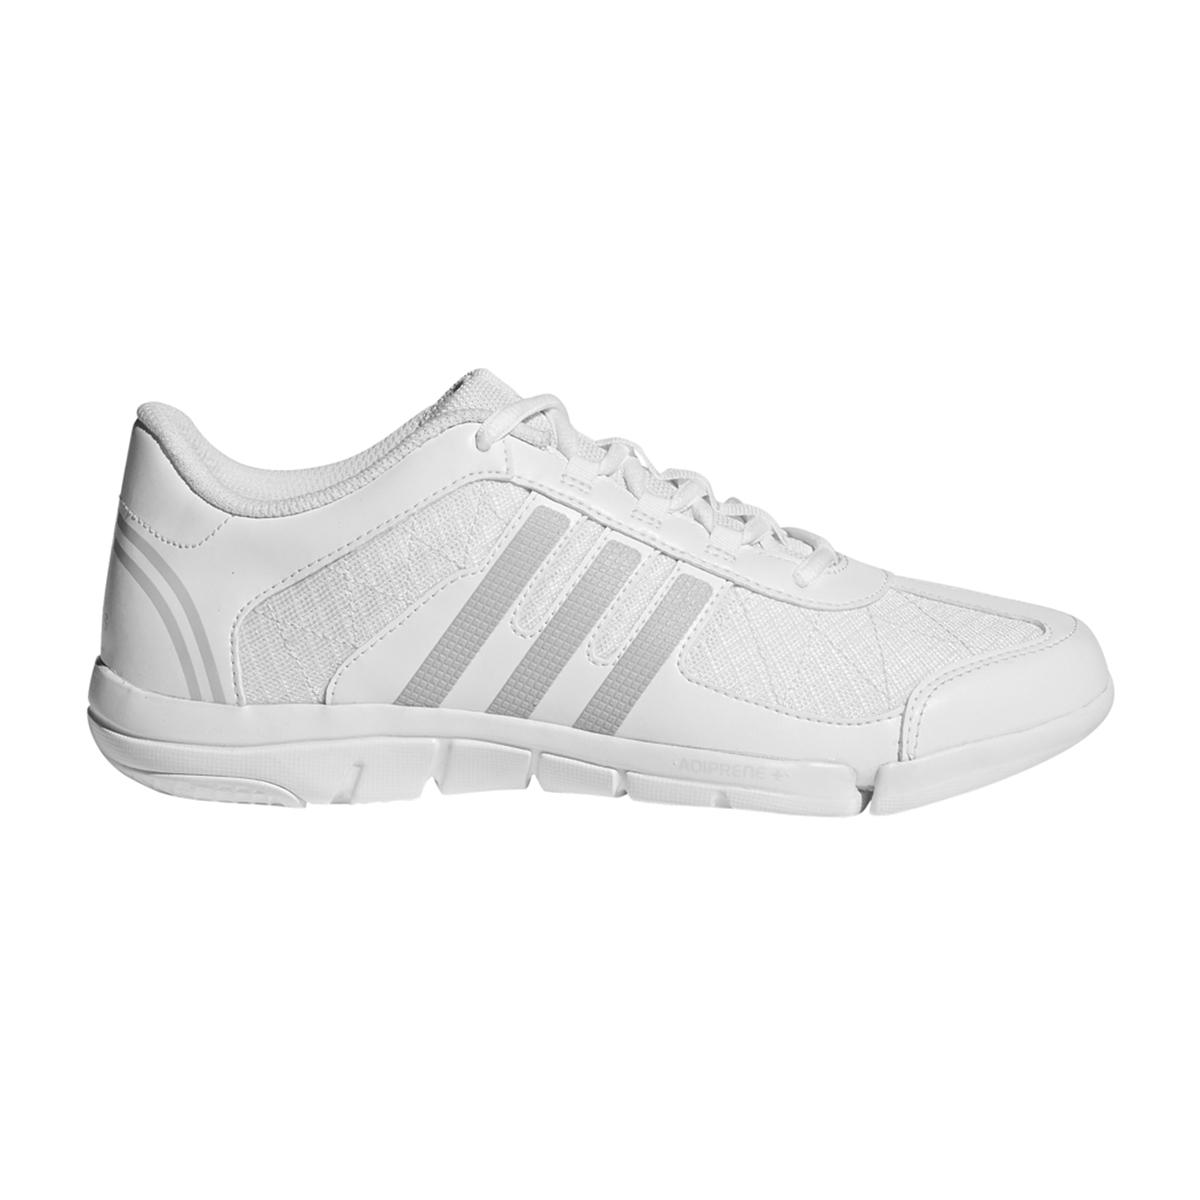 ffde82ae739c57 Adidas Triple Cheer Shoe